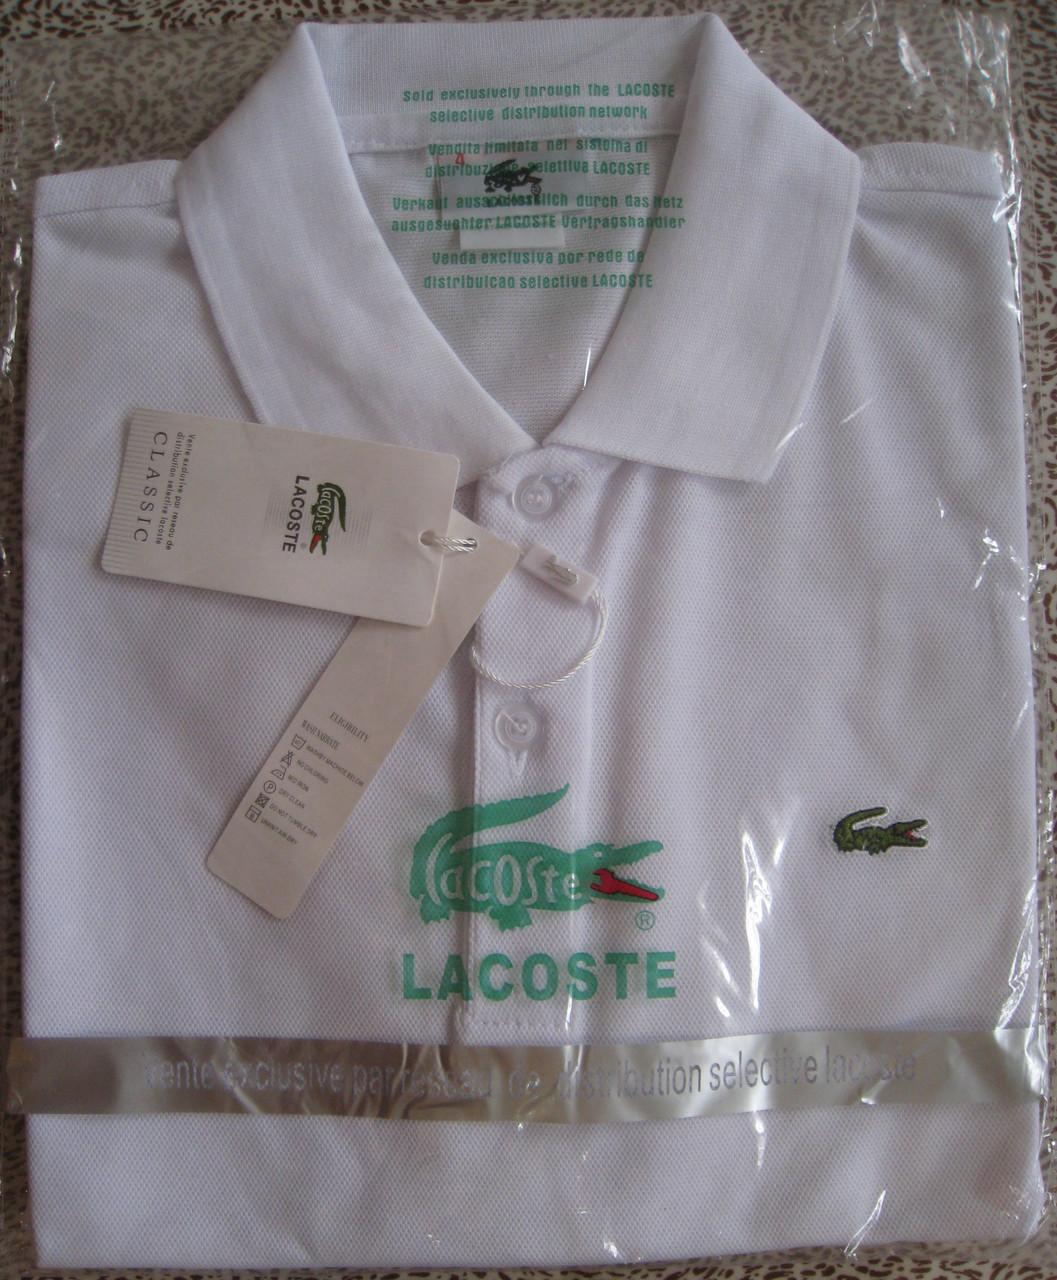 LACOSTE мужская футболка поло лакост лакоста купить в Украине -  Интернет-магазин trendy-image f7fb604759b